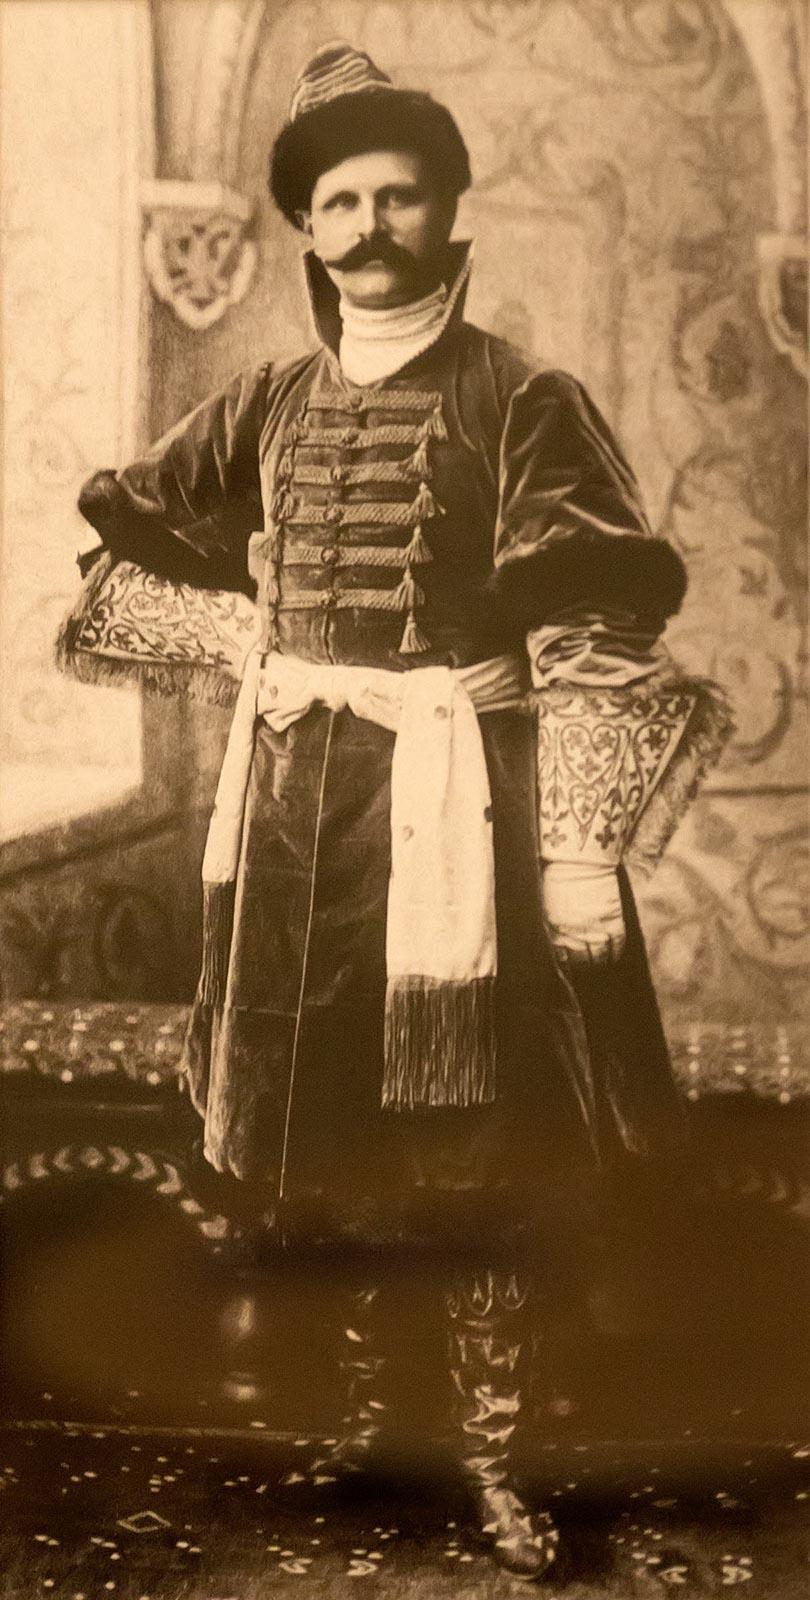 Фото №205990. Д. Асикритов Адъютант Его Императорского Высочества